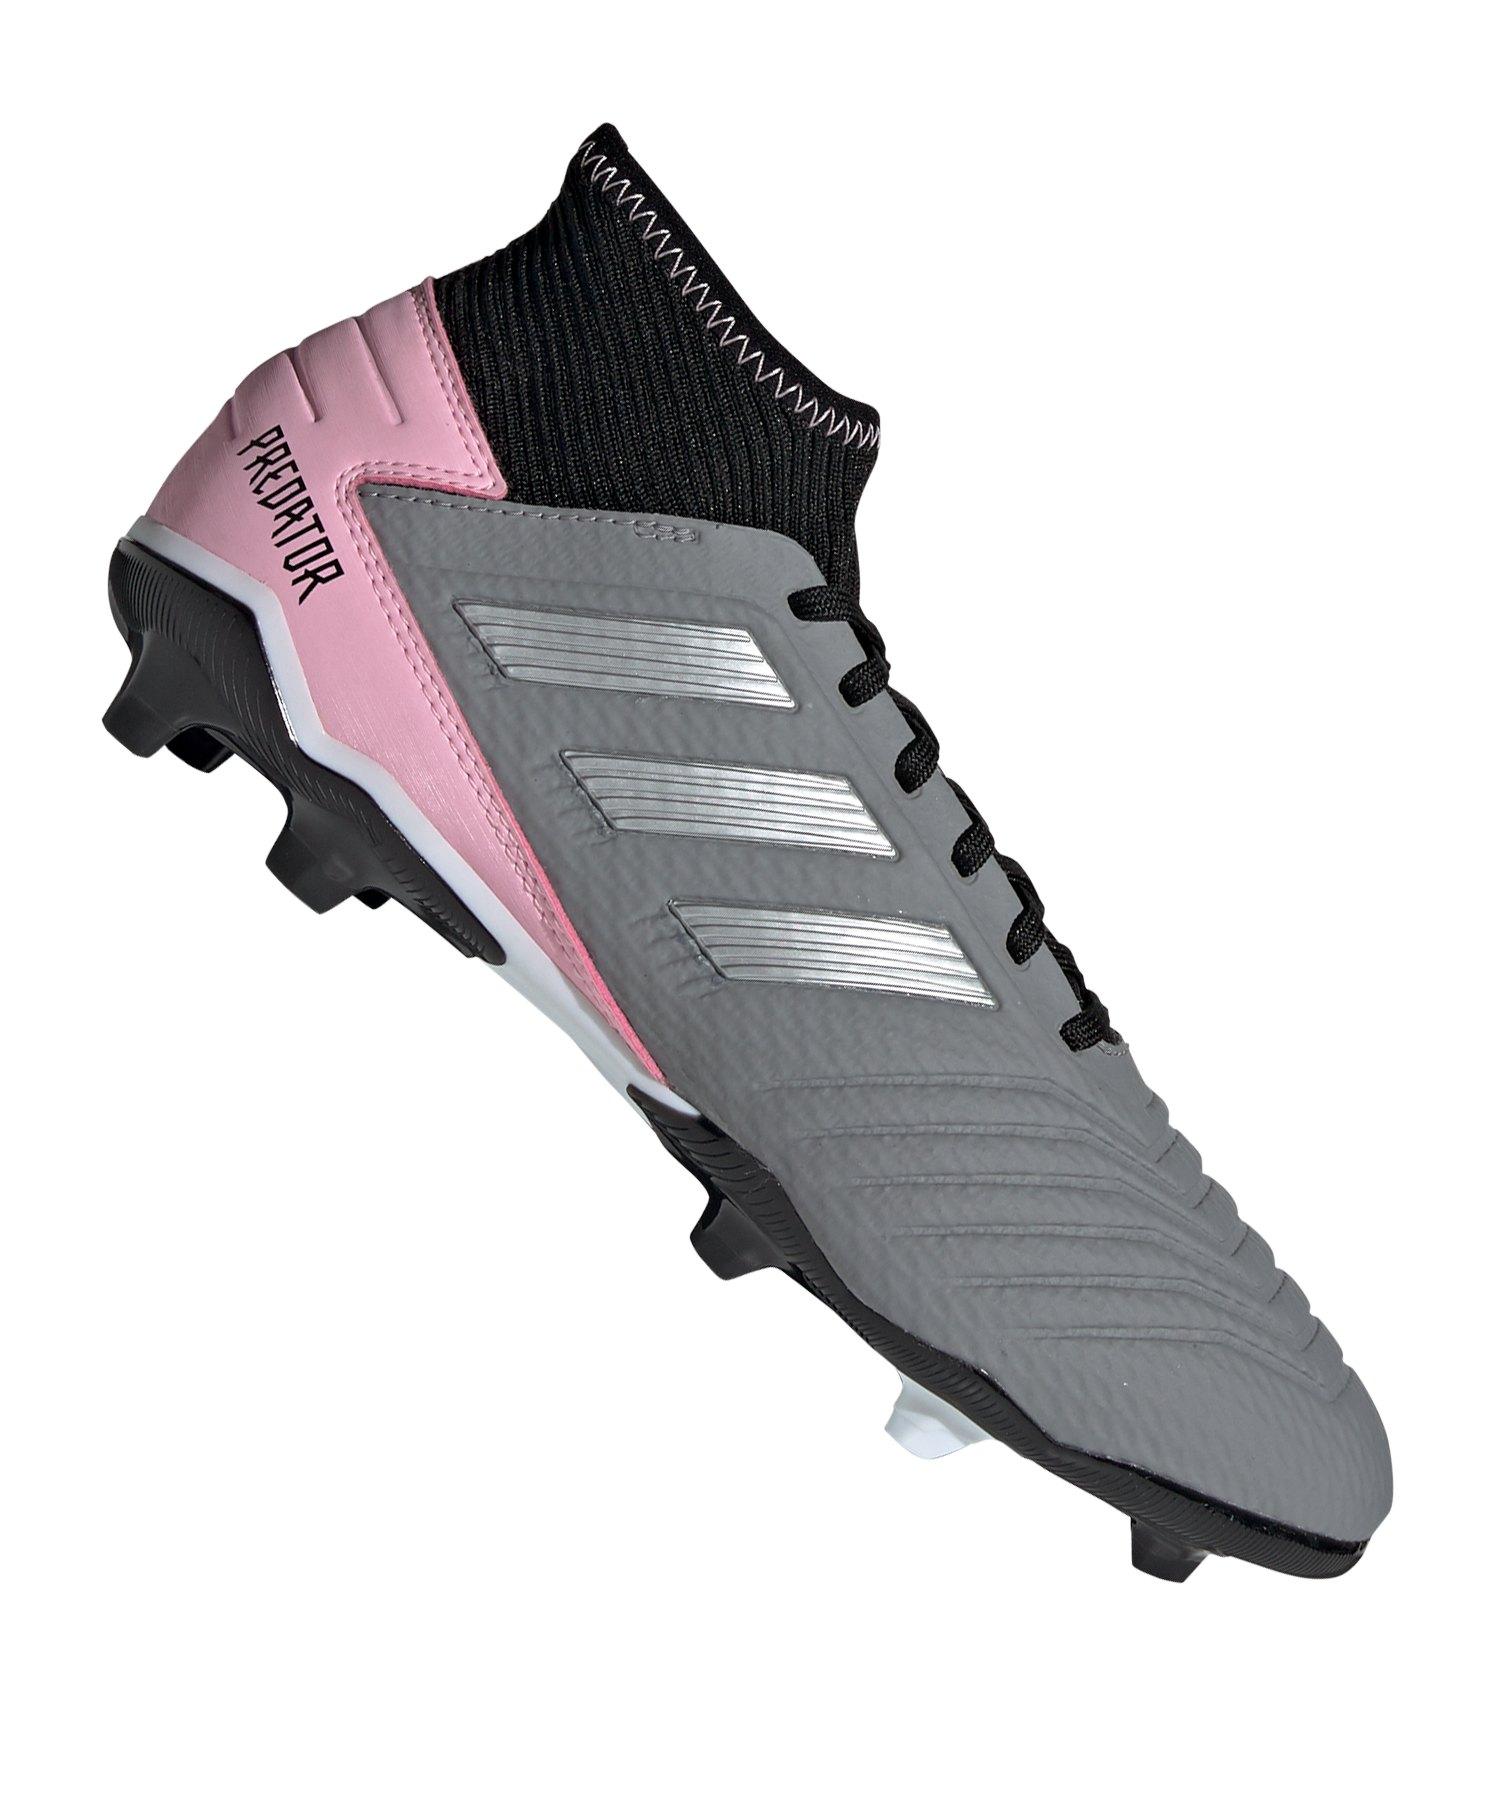 adidas Predator 19.3 FG Damen Schwarz Pink  liefert